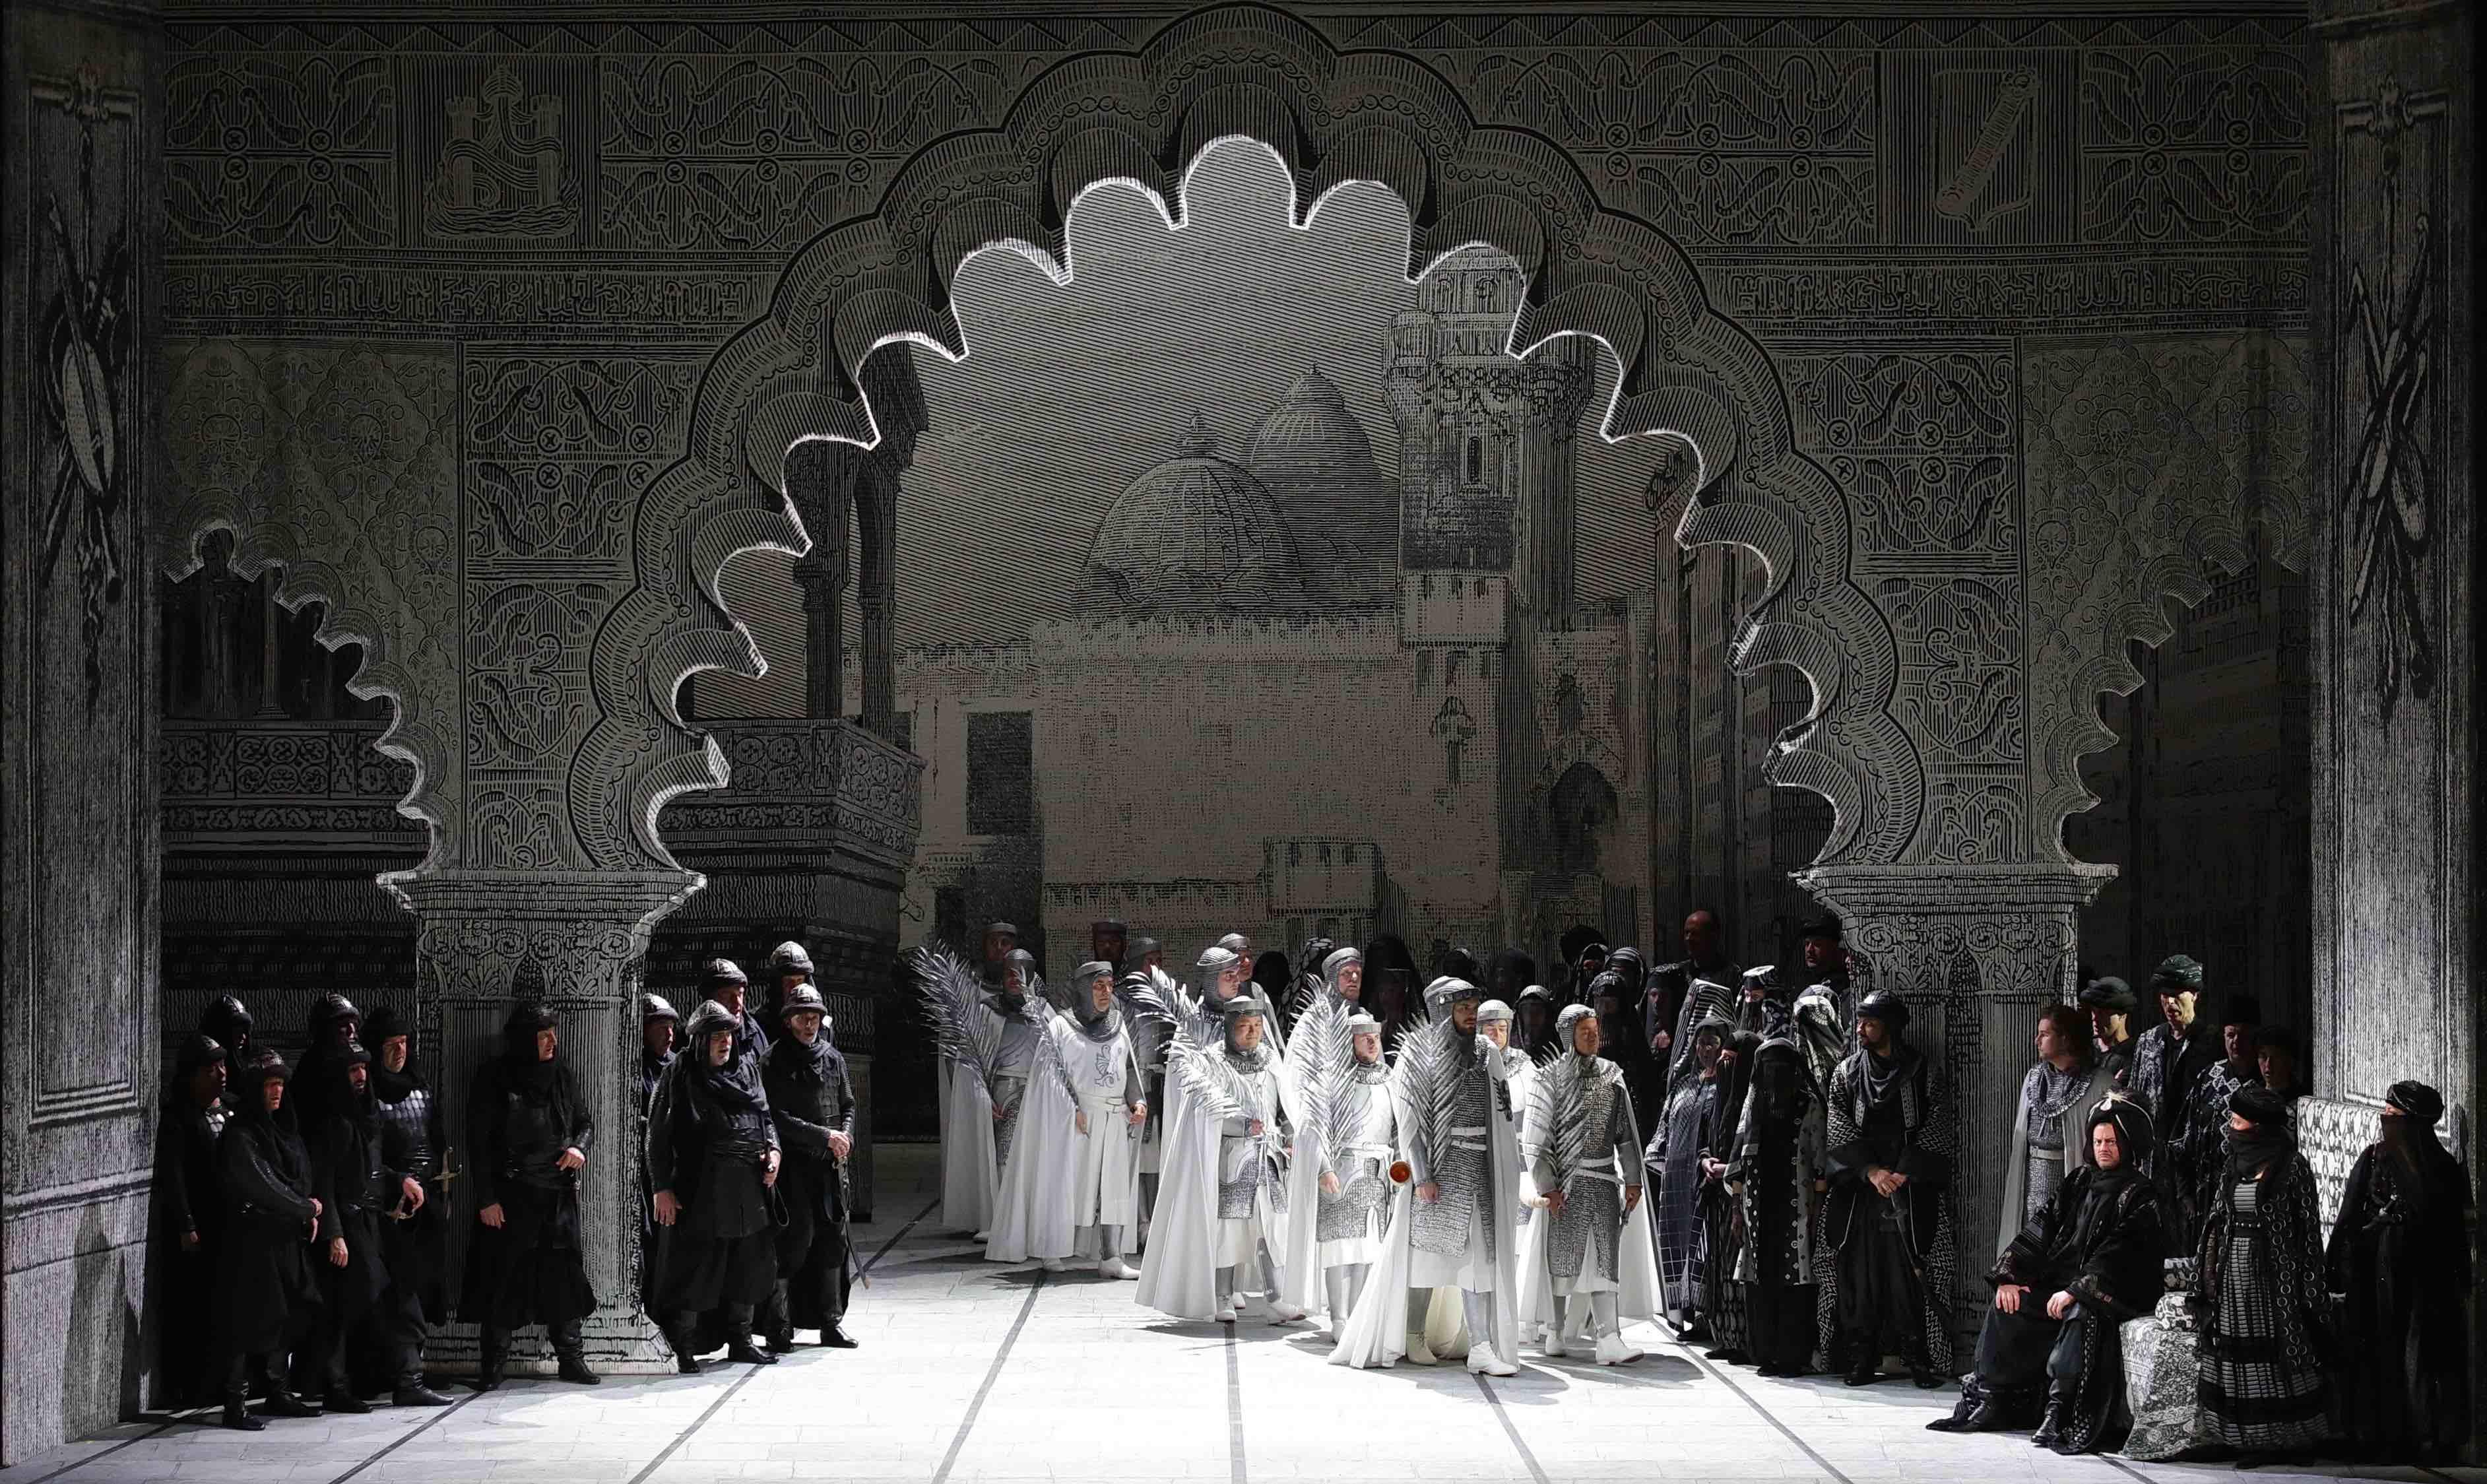 Fierrabras, Franz Schubert, Teatro alla Scala, Daniel Harding, Milano, Peter Stein